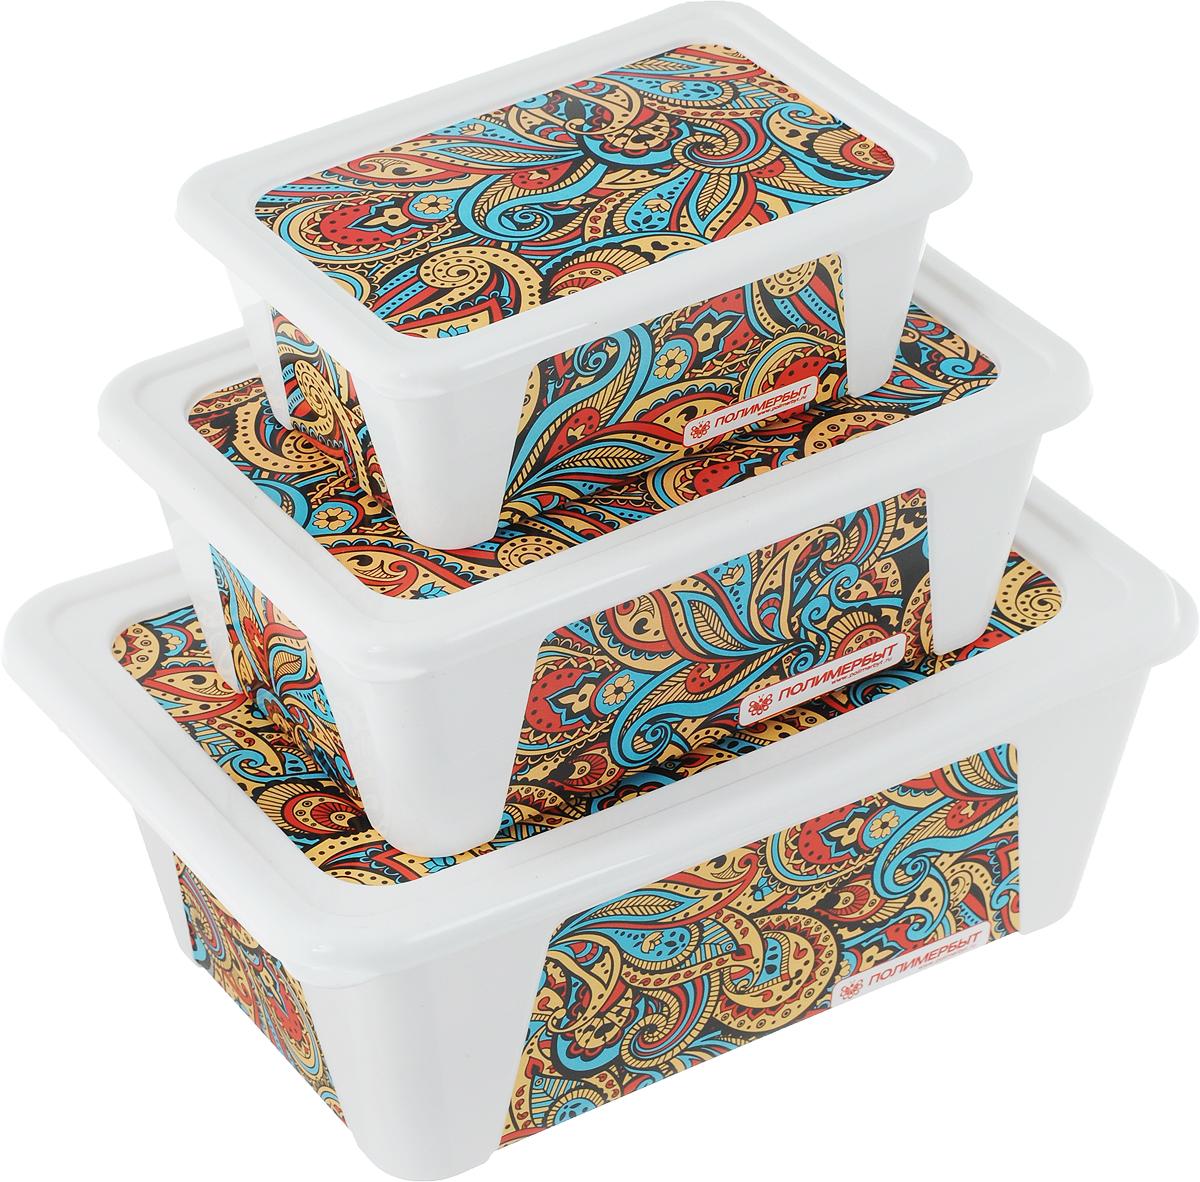 Набор контейнеров для хранения Полимербыт Пейсли, 3 штRG-D31SНабор Полимербыт Пейсли состоит из трех контейнеров, которые выполнены из пластика и оформлены оригинальным рисунком. Изделие подойдет как для хранения канцелярии, так и для хранения швейных принадлежностей. Размеры контейнеров: 22 х 15 х 8,5 см; 18 х 12,5 х 7 см; 14 х 9,5 х 5 см.Объём контейнеров: 1,65 л, 900 мл, 400 мл.